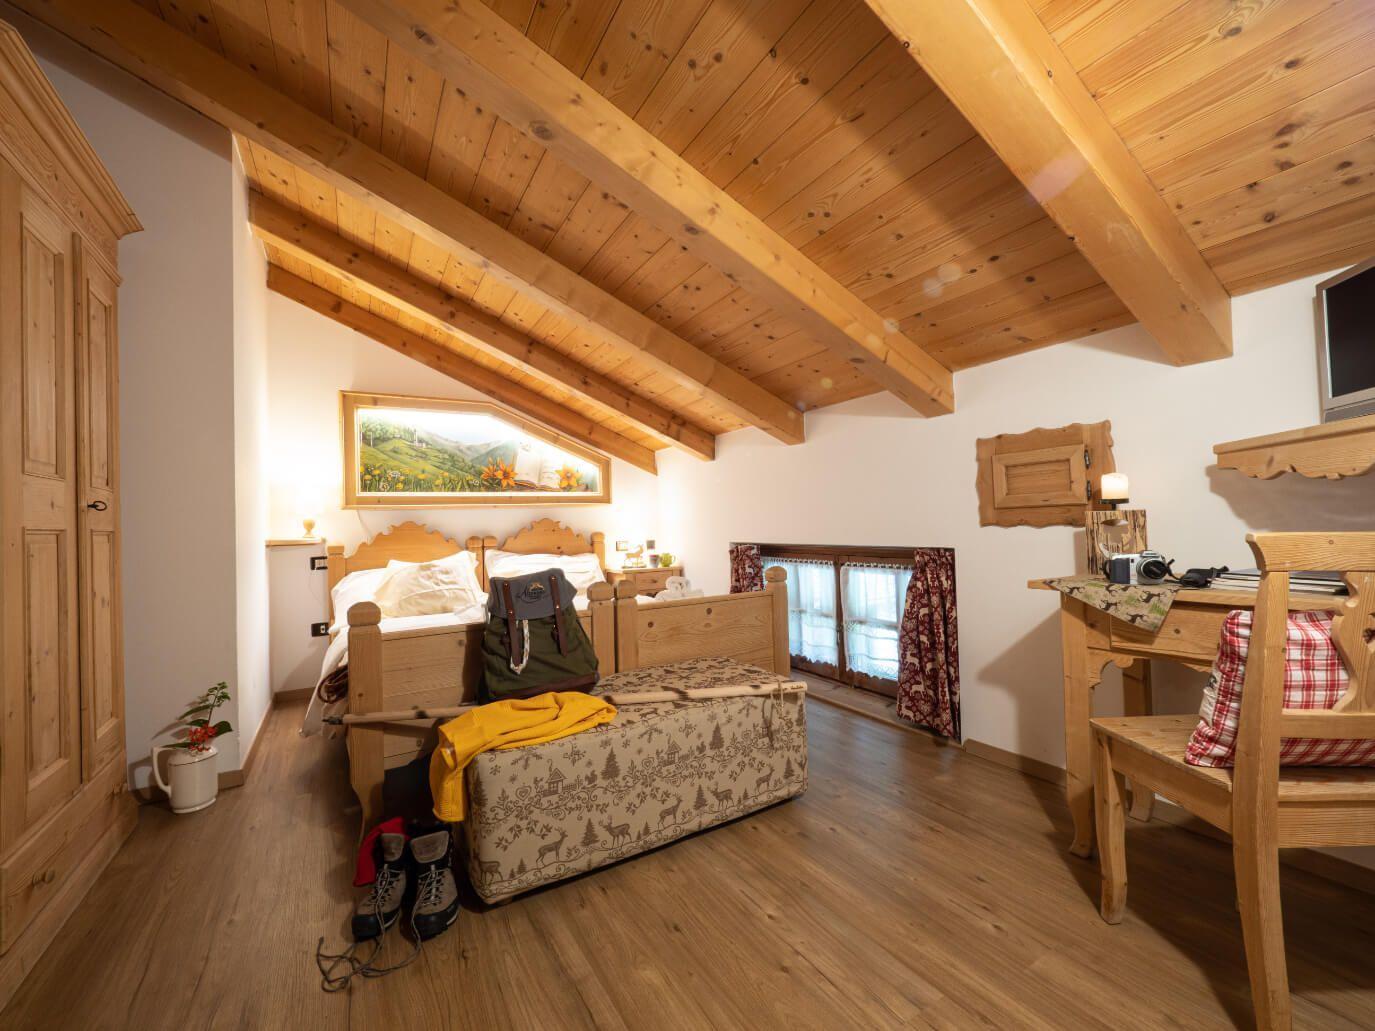 camera Alpinista_Chalet_Alpenrose_Val_di_Pejo_Trentino